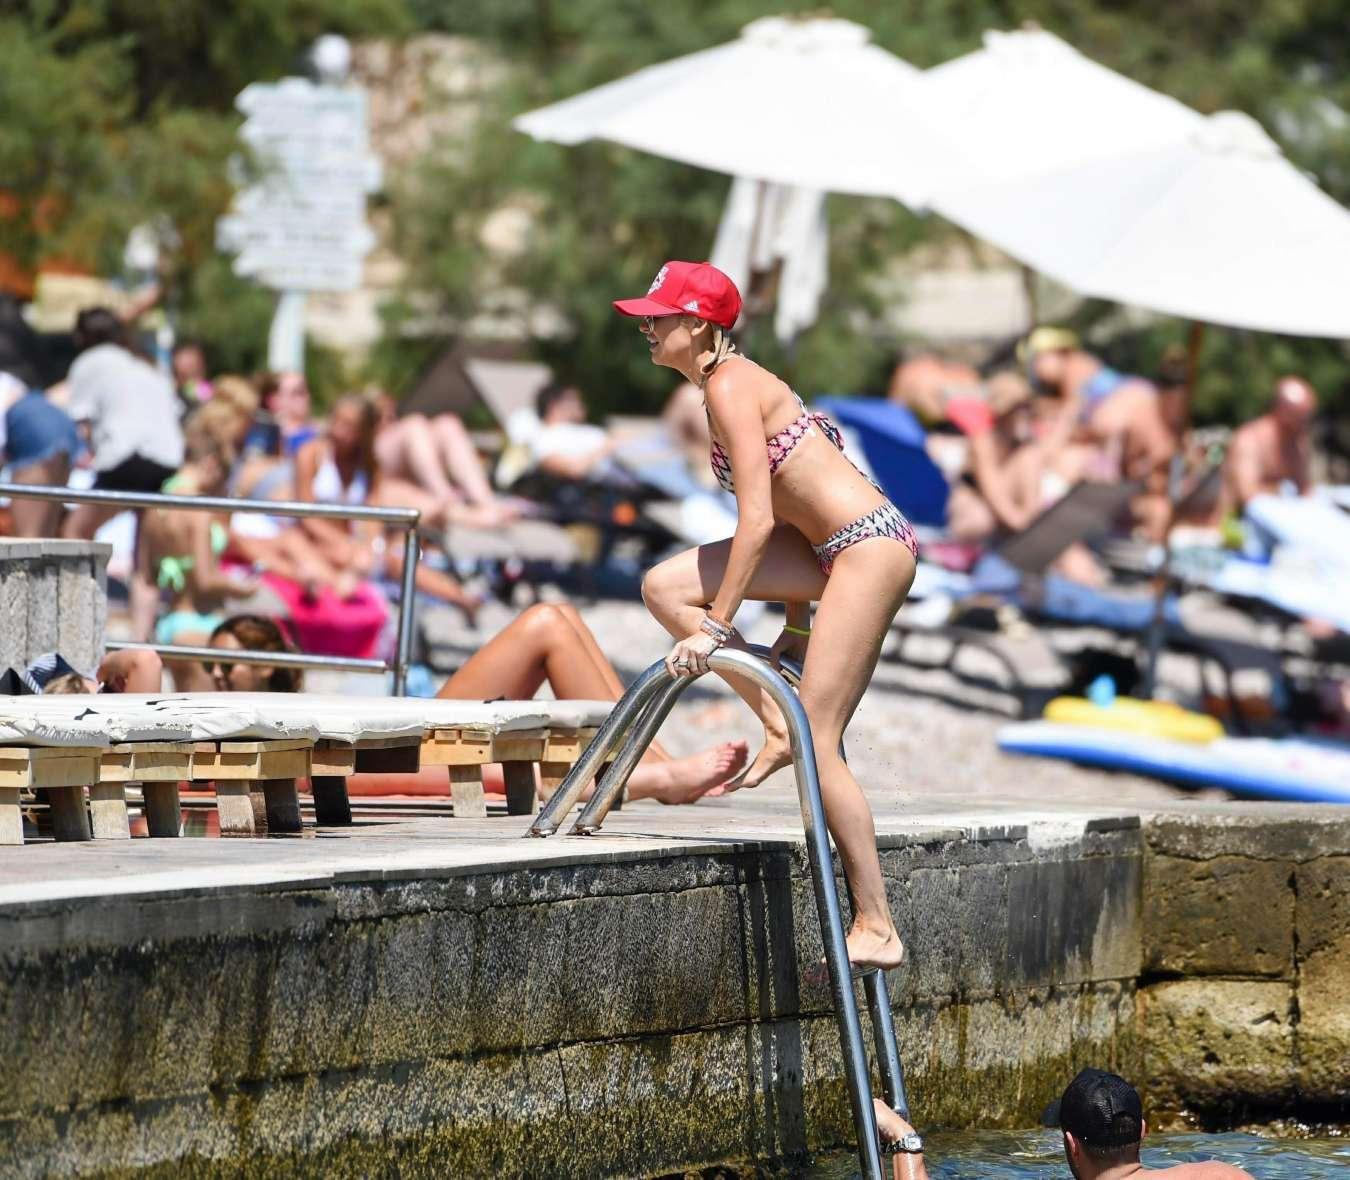 Stephanie Pratt 2017 : Stephanie Pratt: Bikini on holiday in Croatia -26